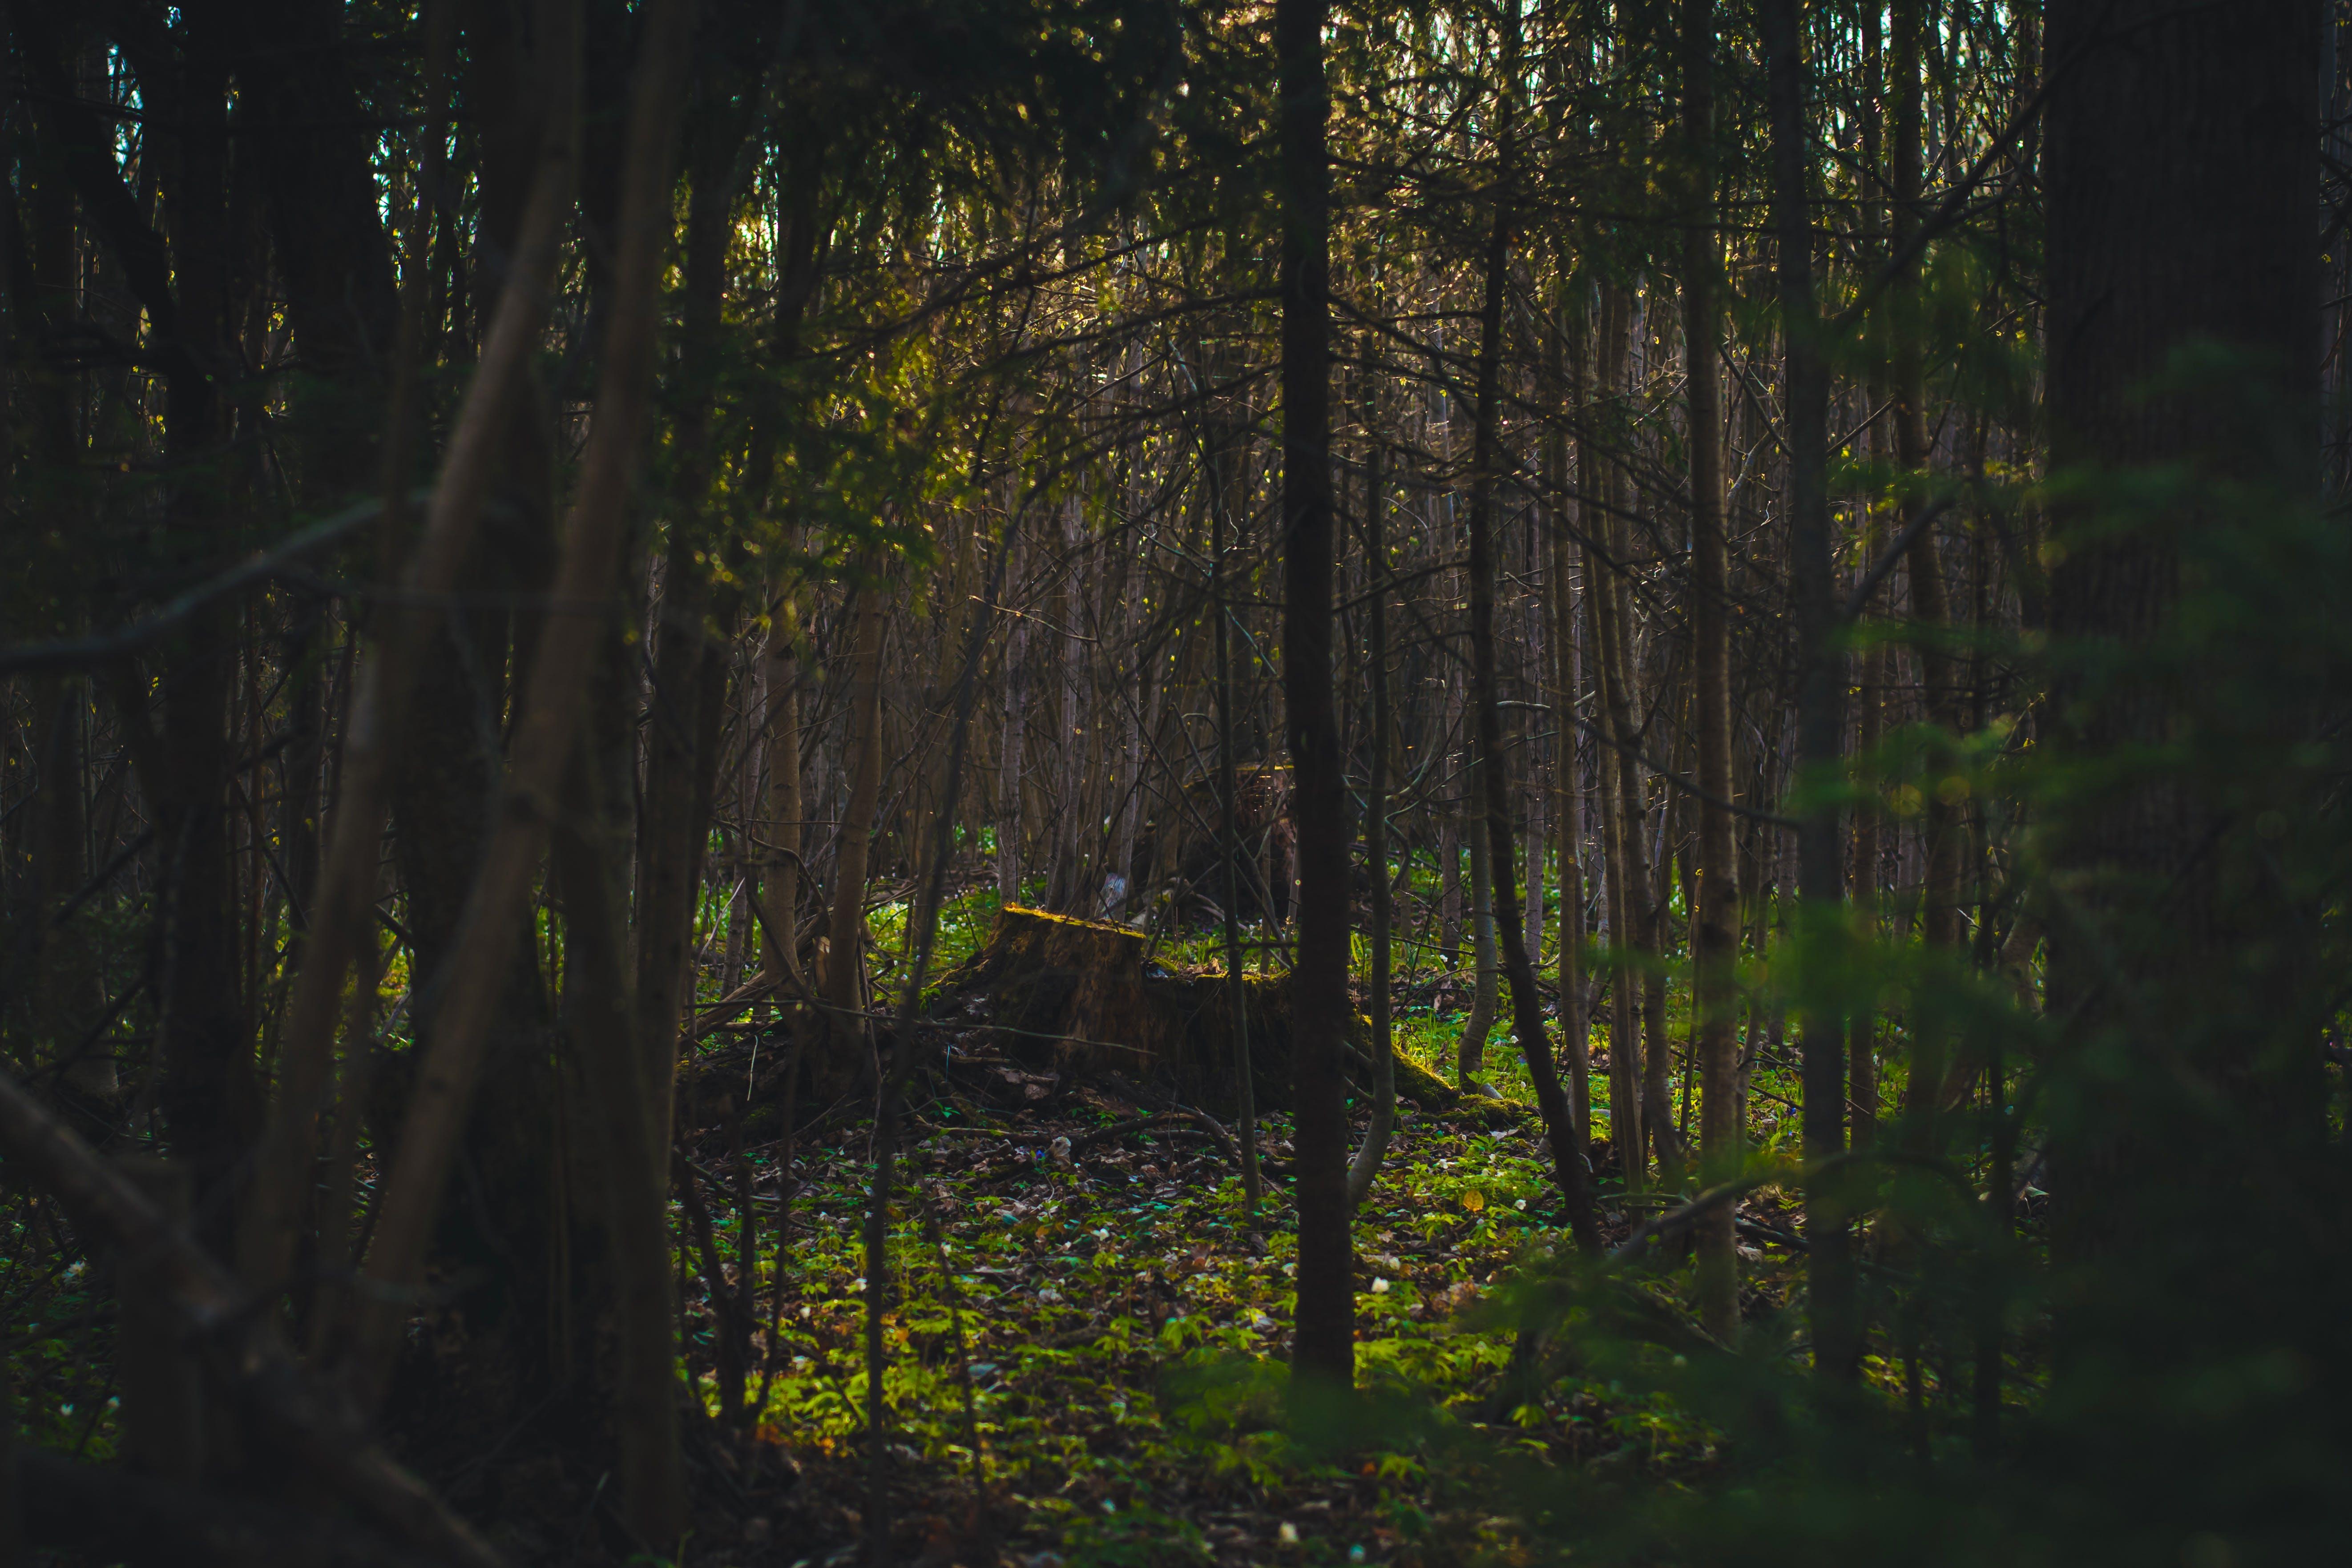 廠, 森林, 樹木, 樹林 的 免費圖庫相片